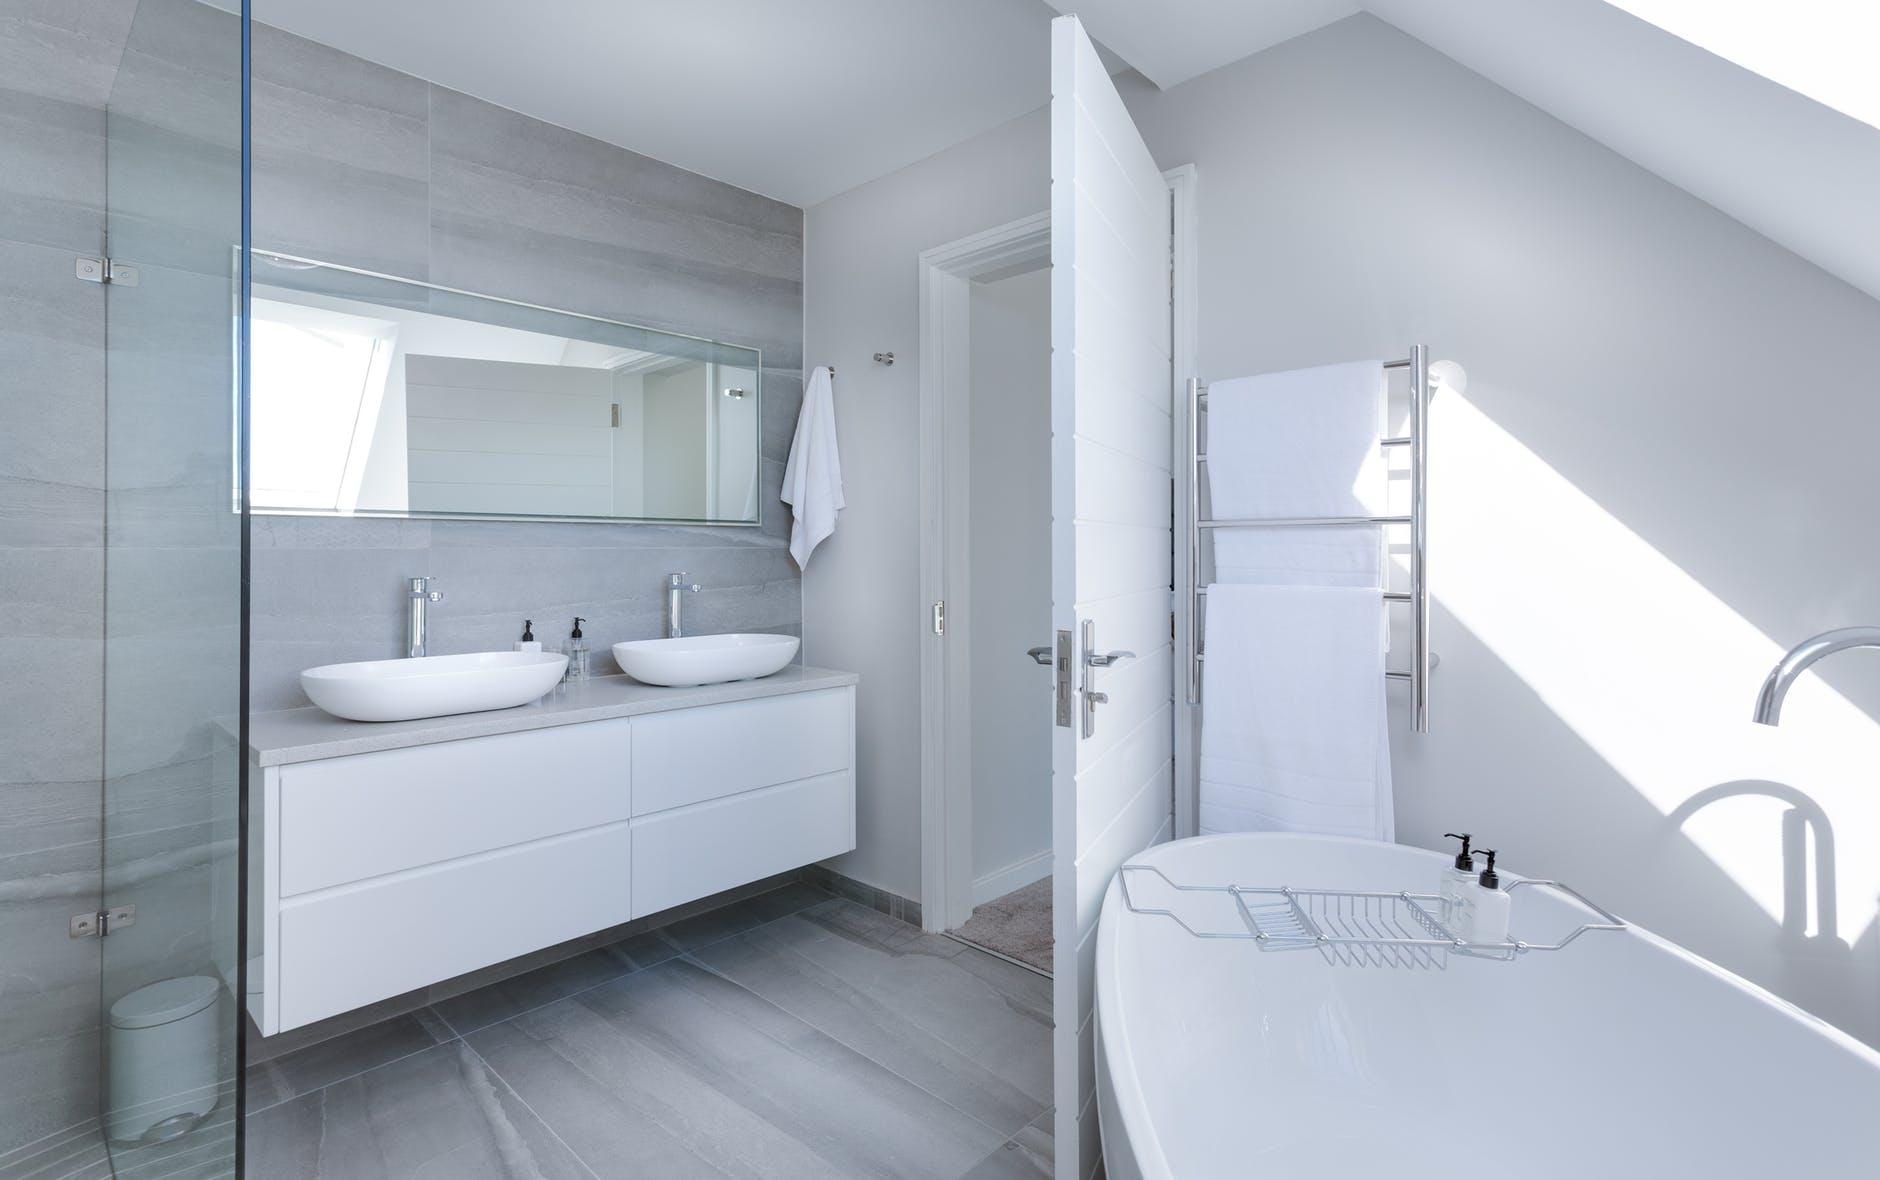 Bathroom with Vinyl floor